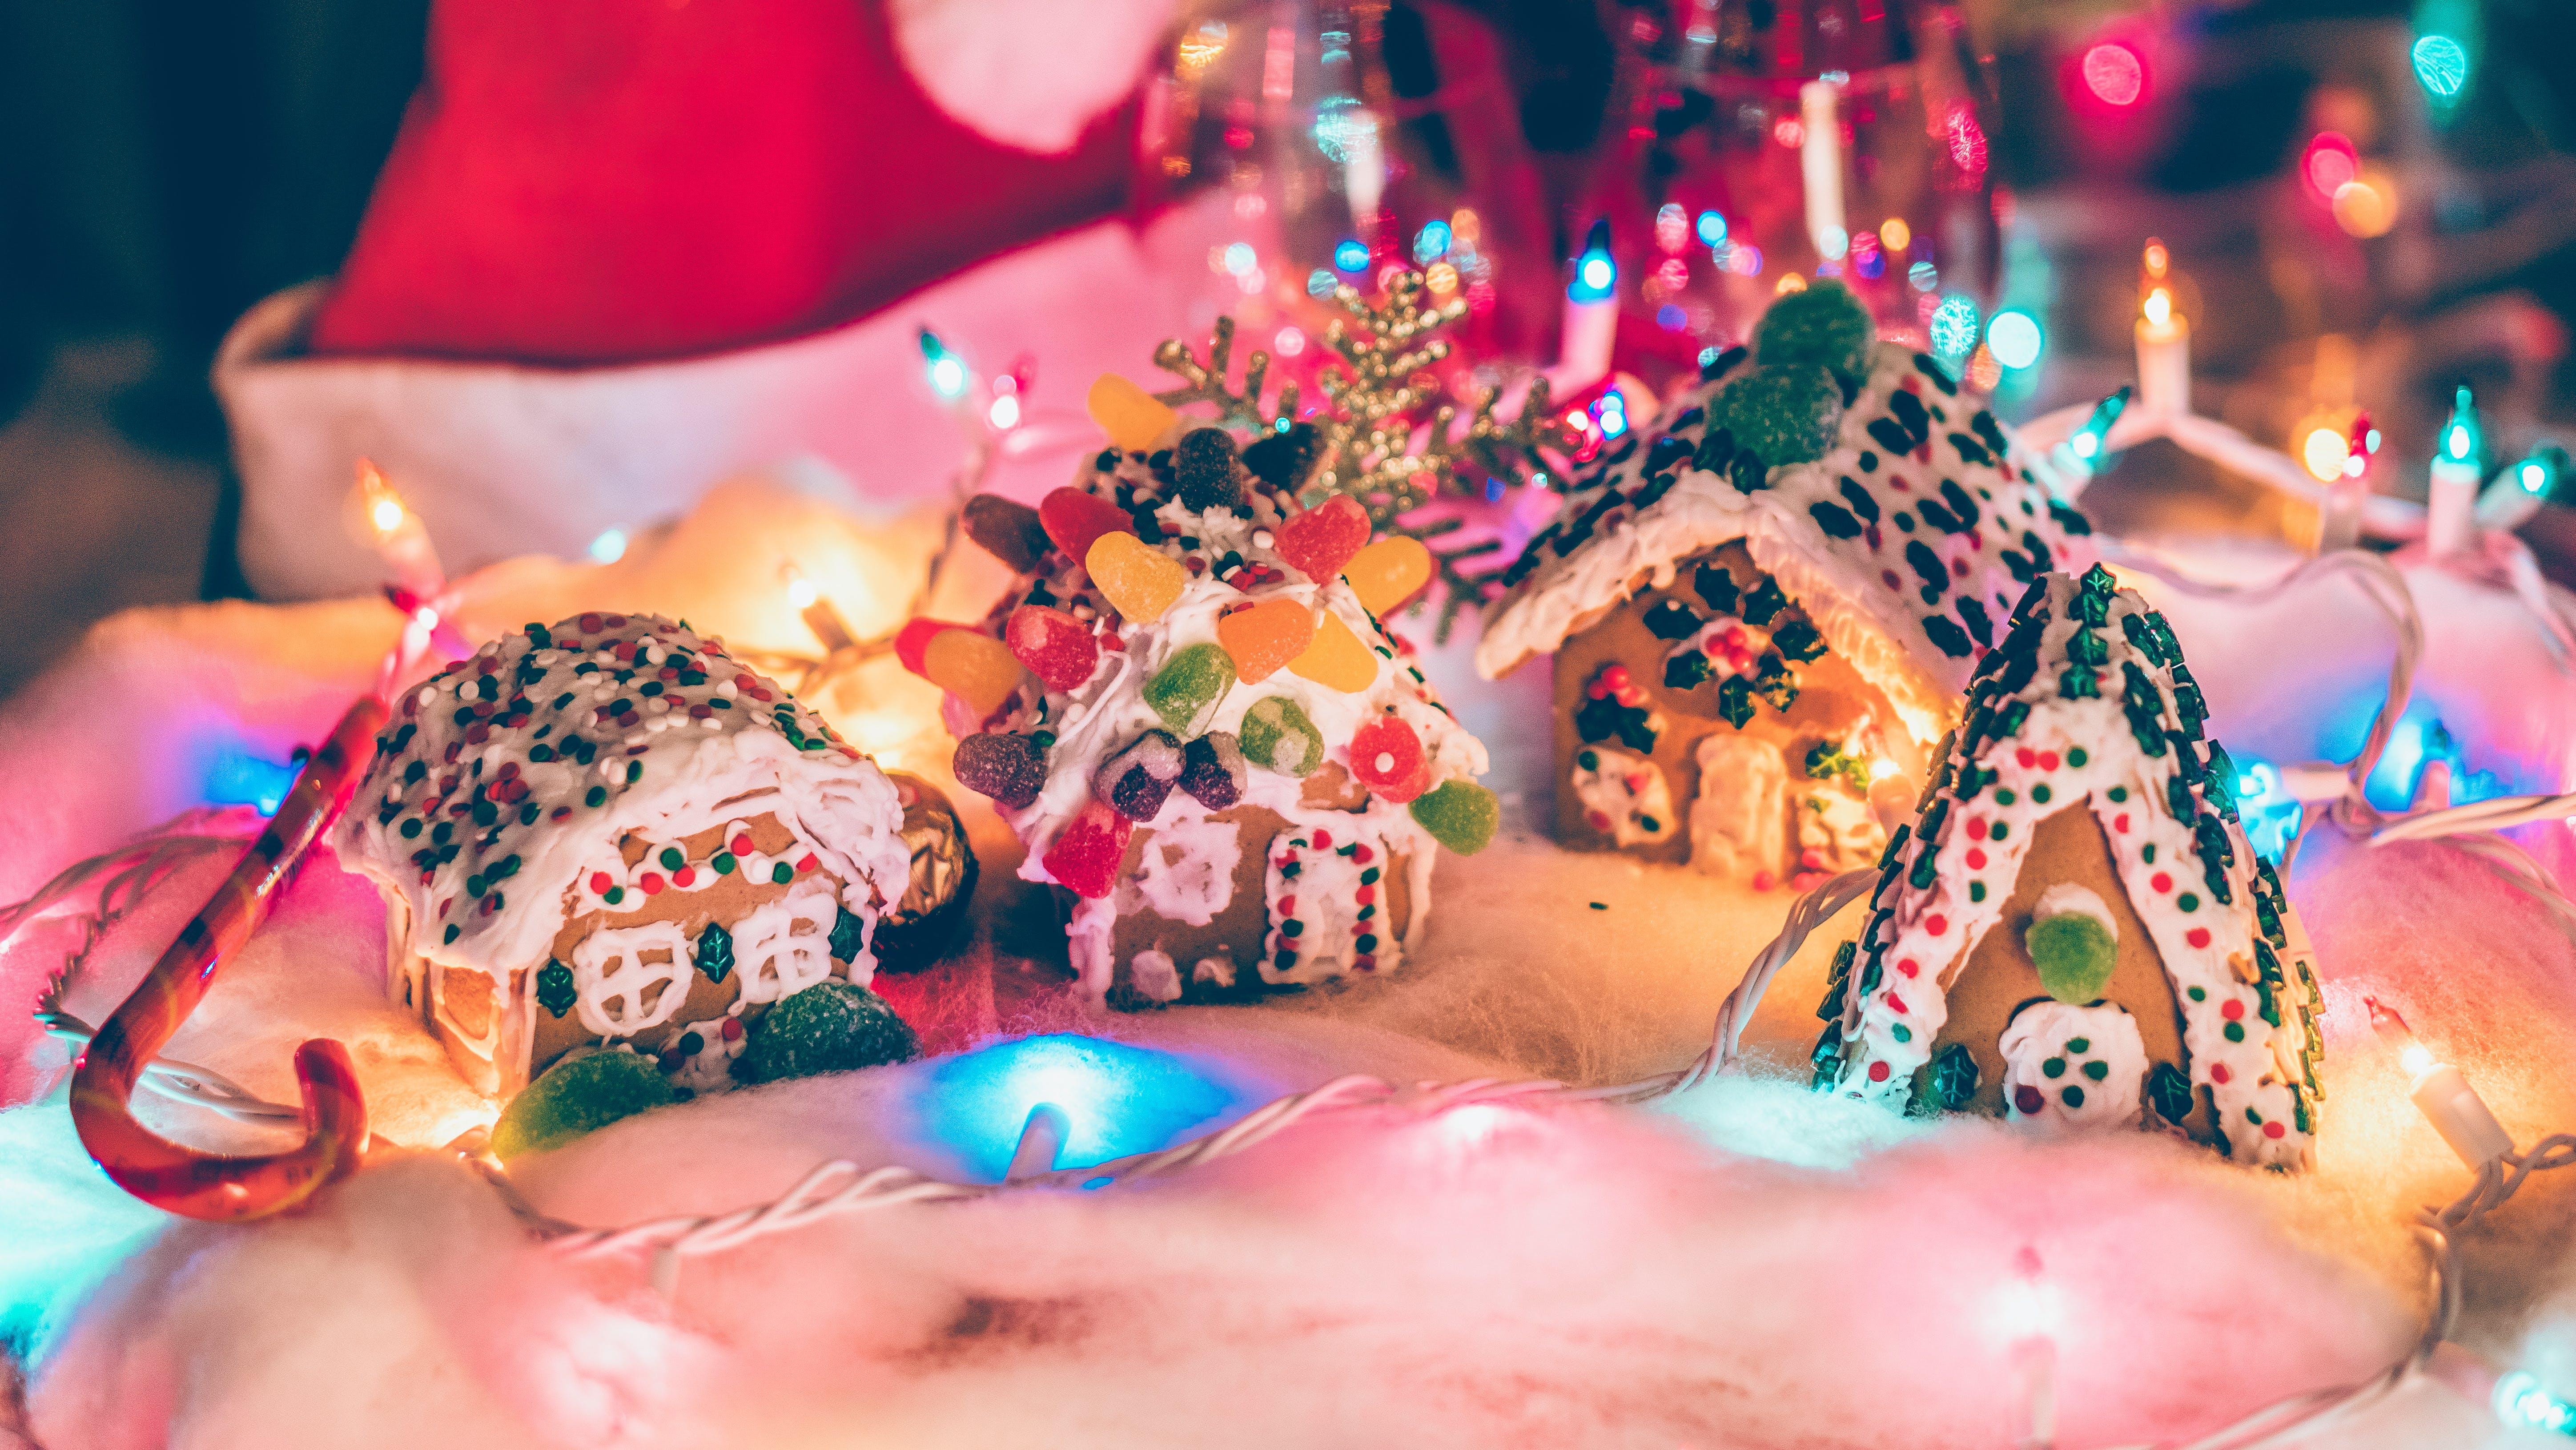 燈光, 薑餅, 薑餅屋, 裝飾 的 免費圖庫相片